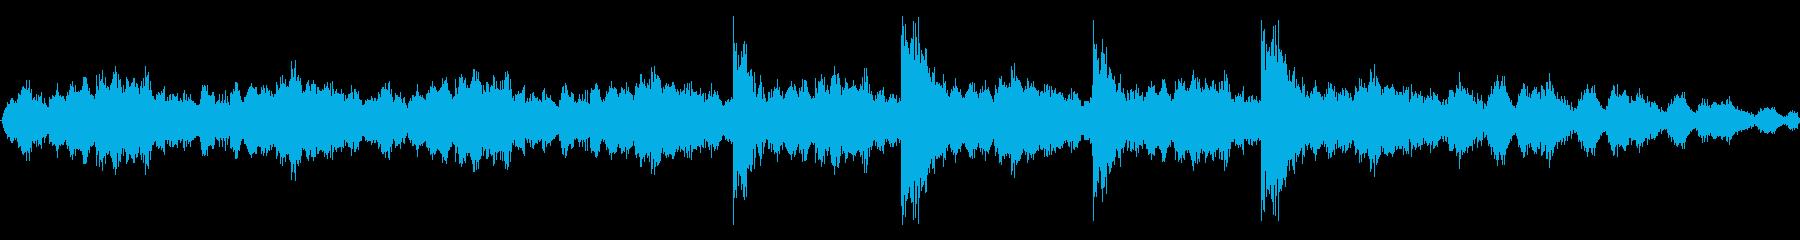 【緊張、緊迫、焦燥】ループBGMの再生済みの波形